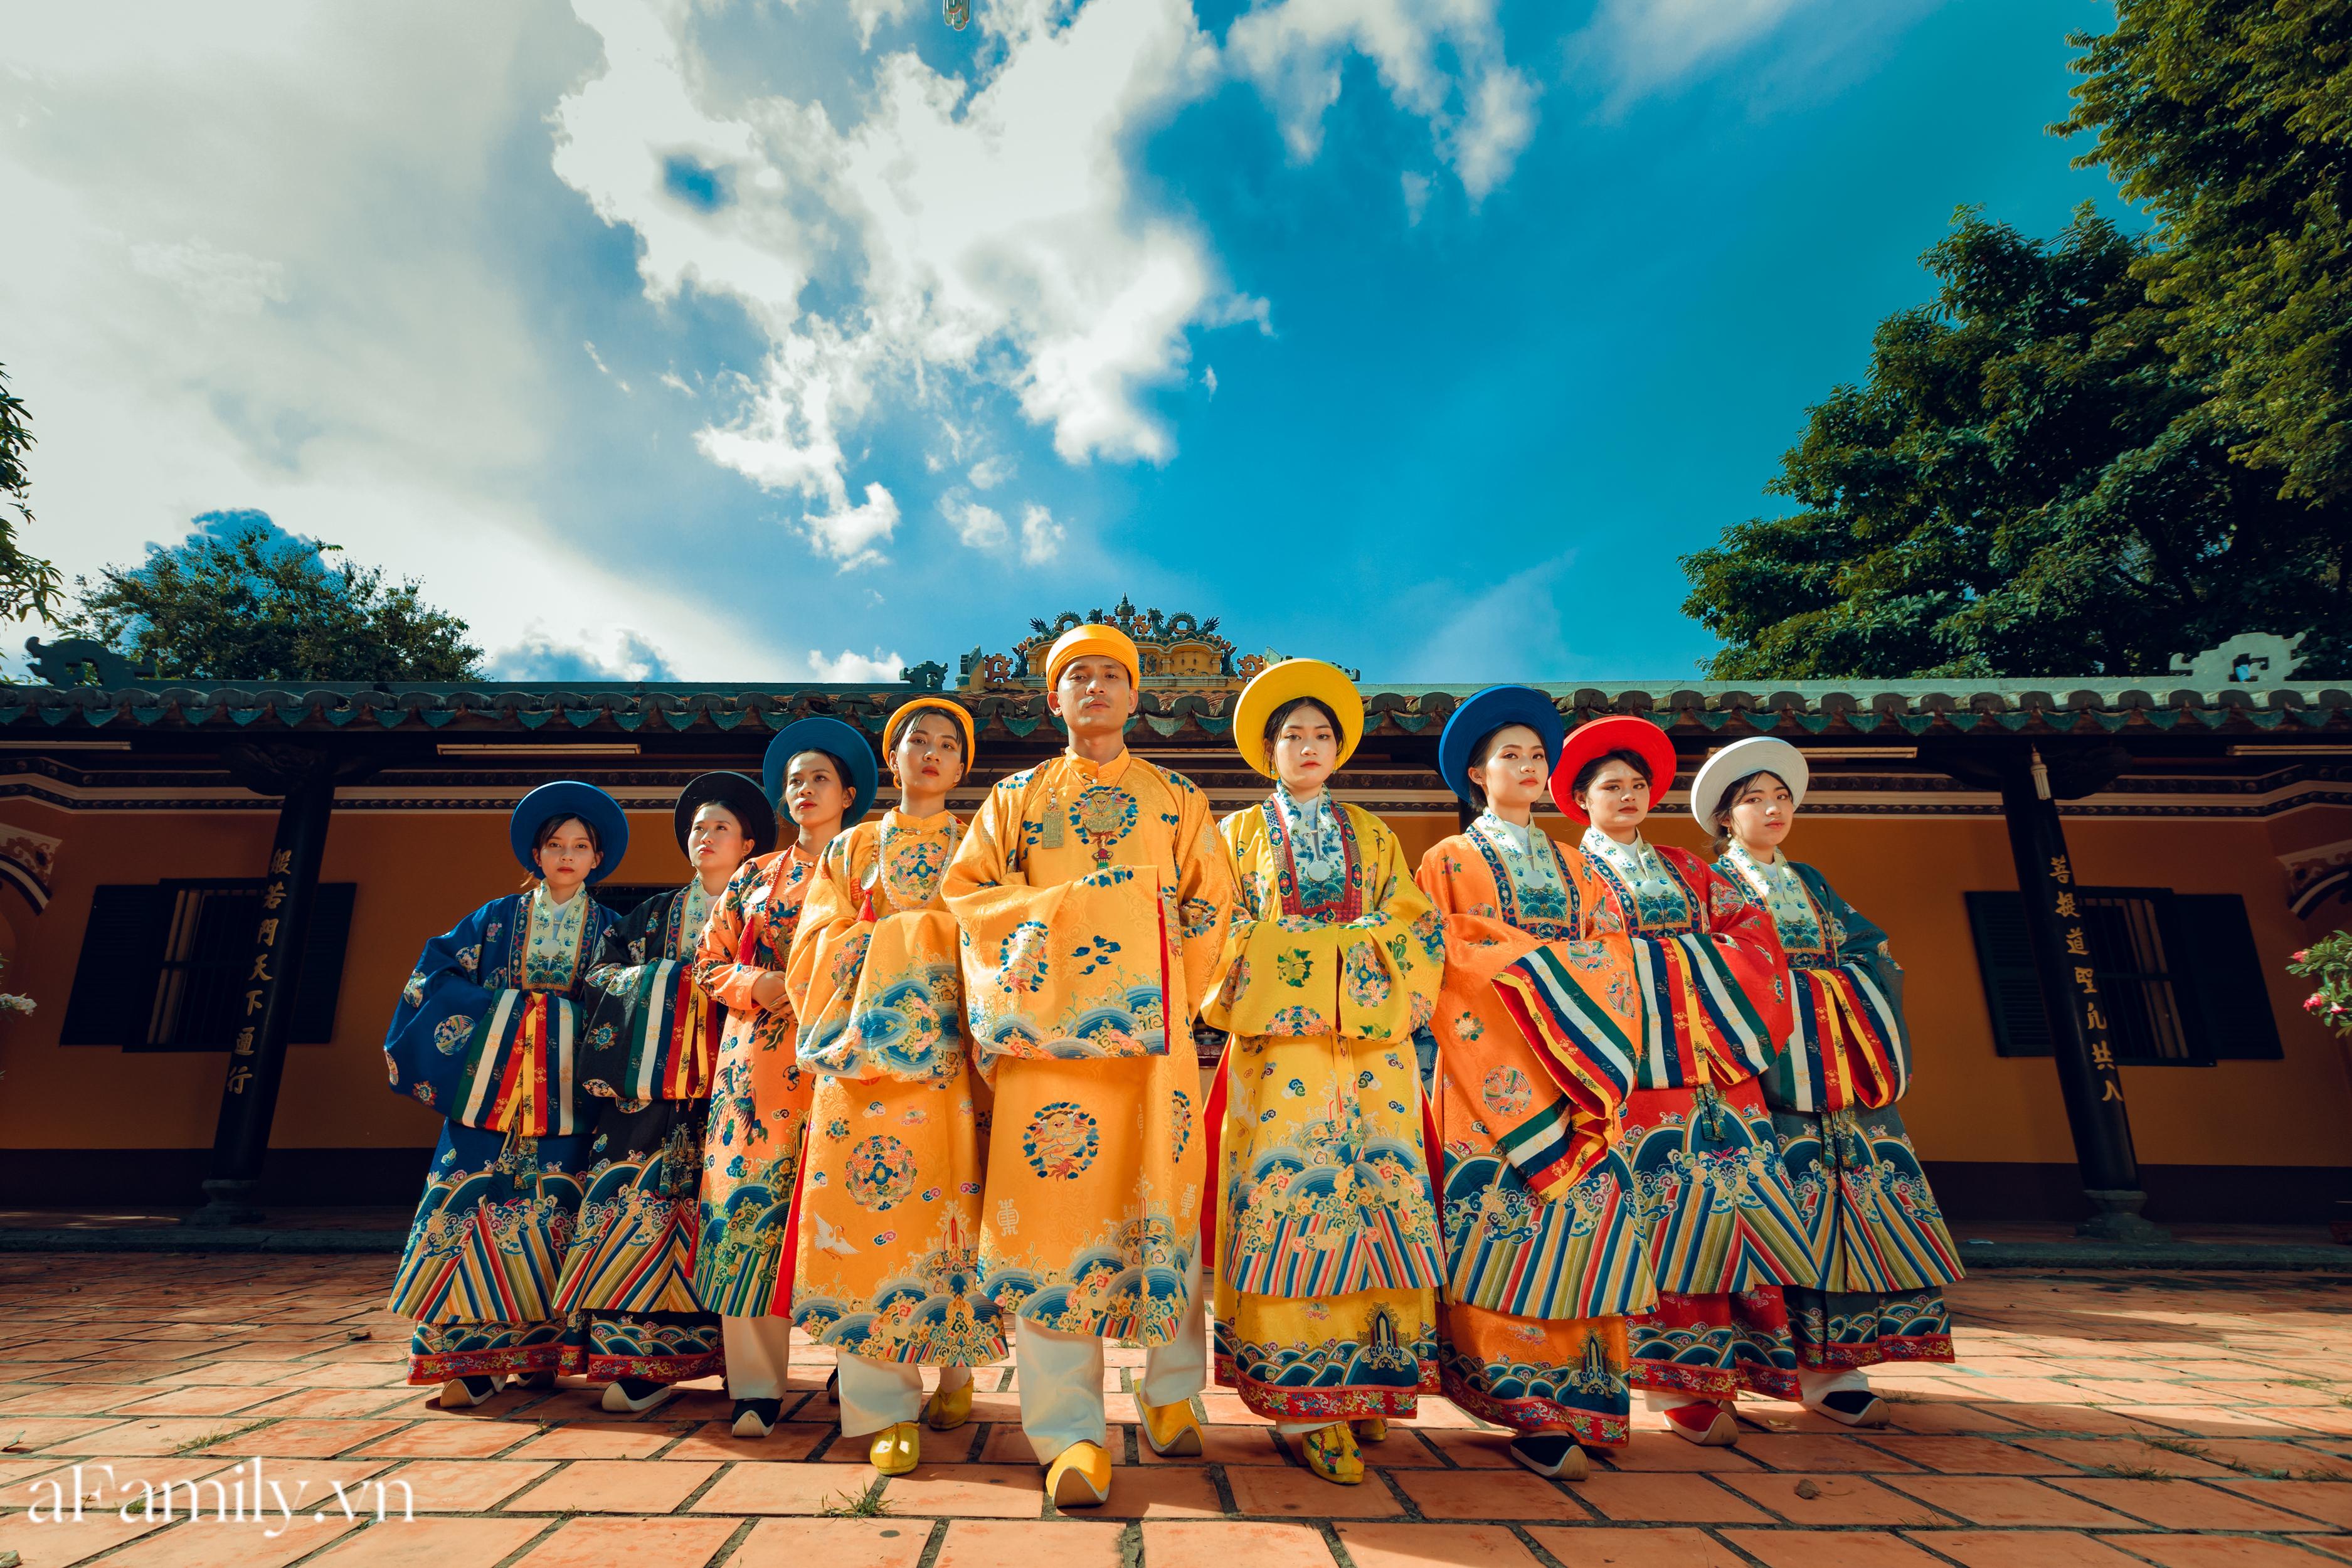 """Nhóm học sinh cấp 3 tìm về nét đẹp truyền thống, diện nguyên dàn cổ phục Việt chụp ảnh kỷ yếu, nhanh chóng thành tạo """"hot trend"""" trên mạng xã hội - Ảnh 1."""